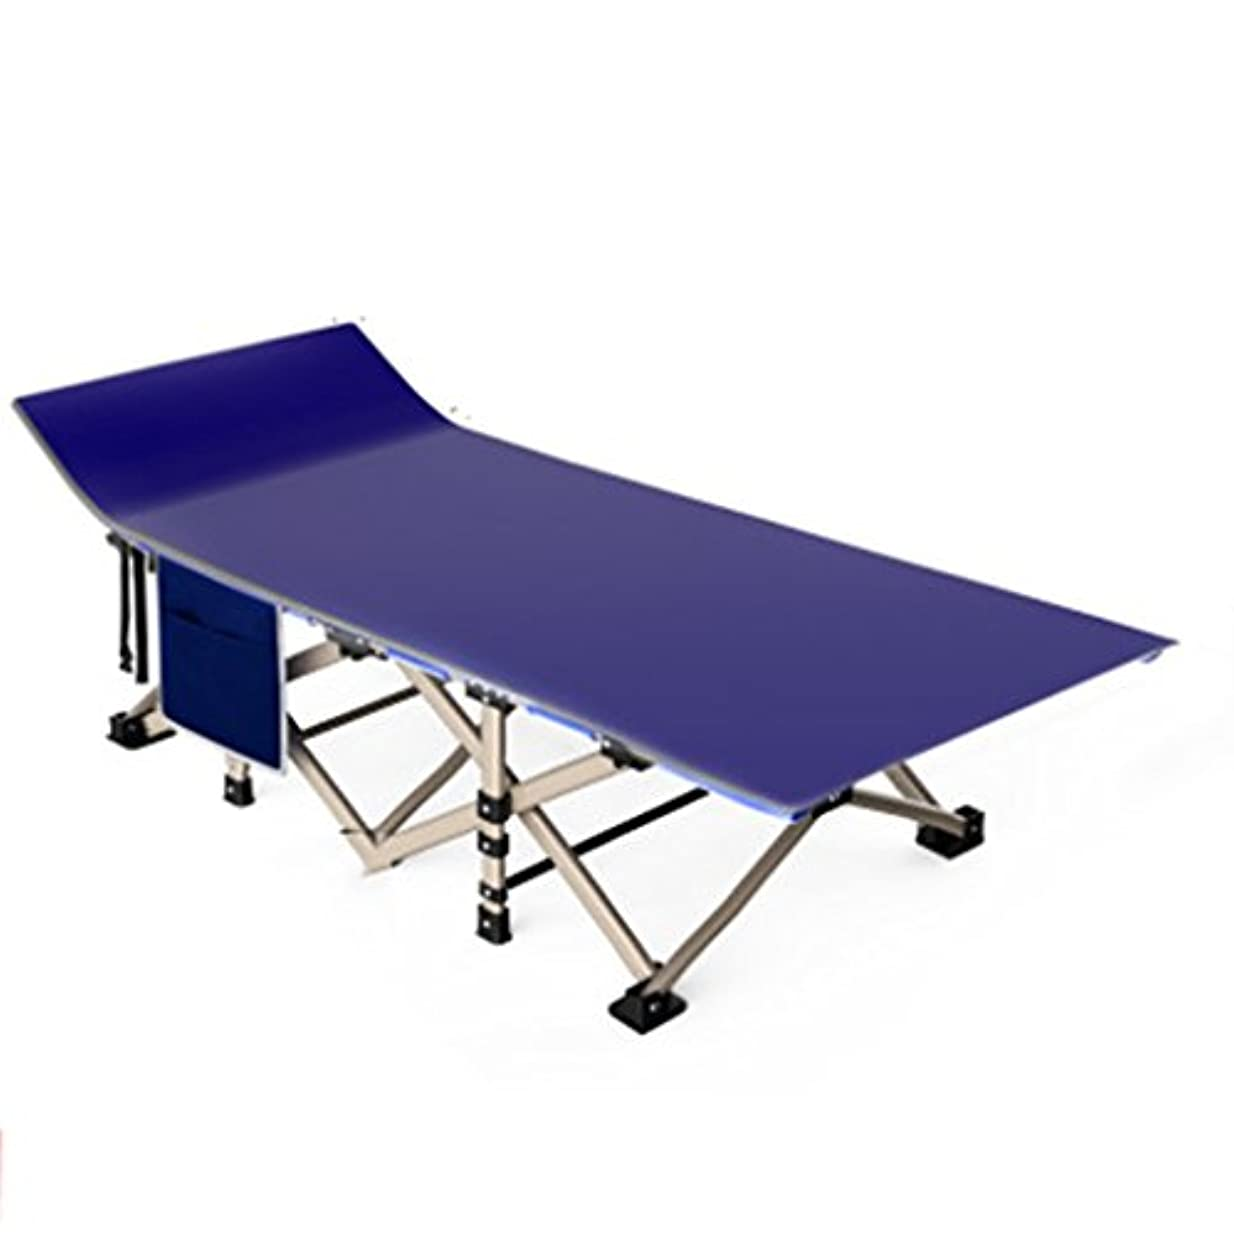 ピカソ再現する発明折りたたみ式ベッド 屋外折りたたみベッドシングルベッドシエスタベッドシンプルな布ベッドキャンプベッドベッド同伴190 * 67 * 35センチメートル (Color : Blue)